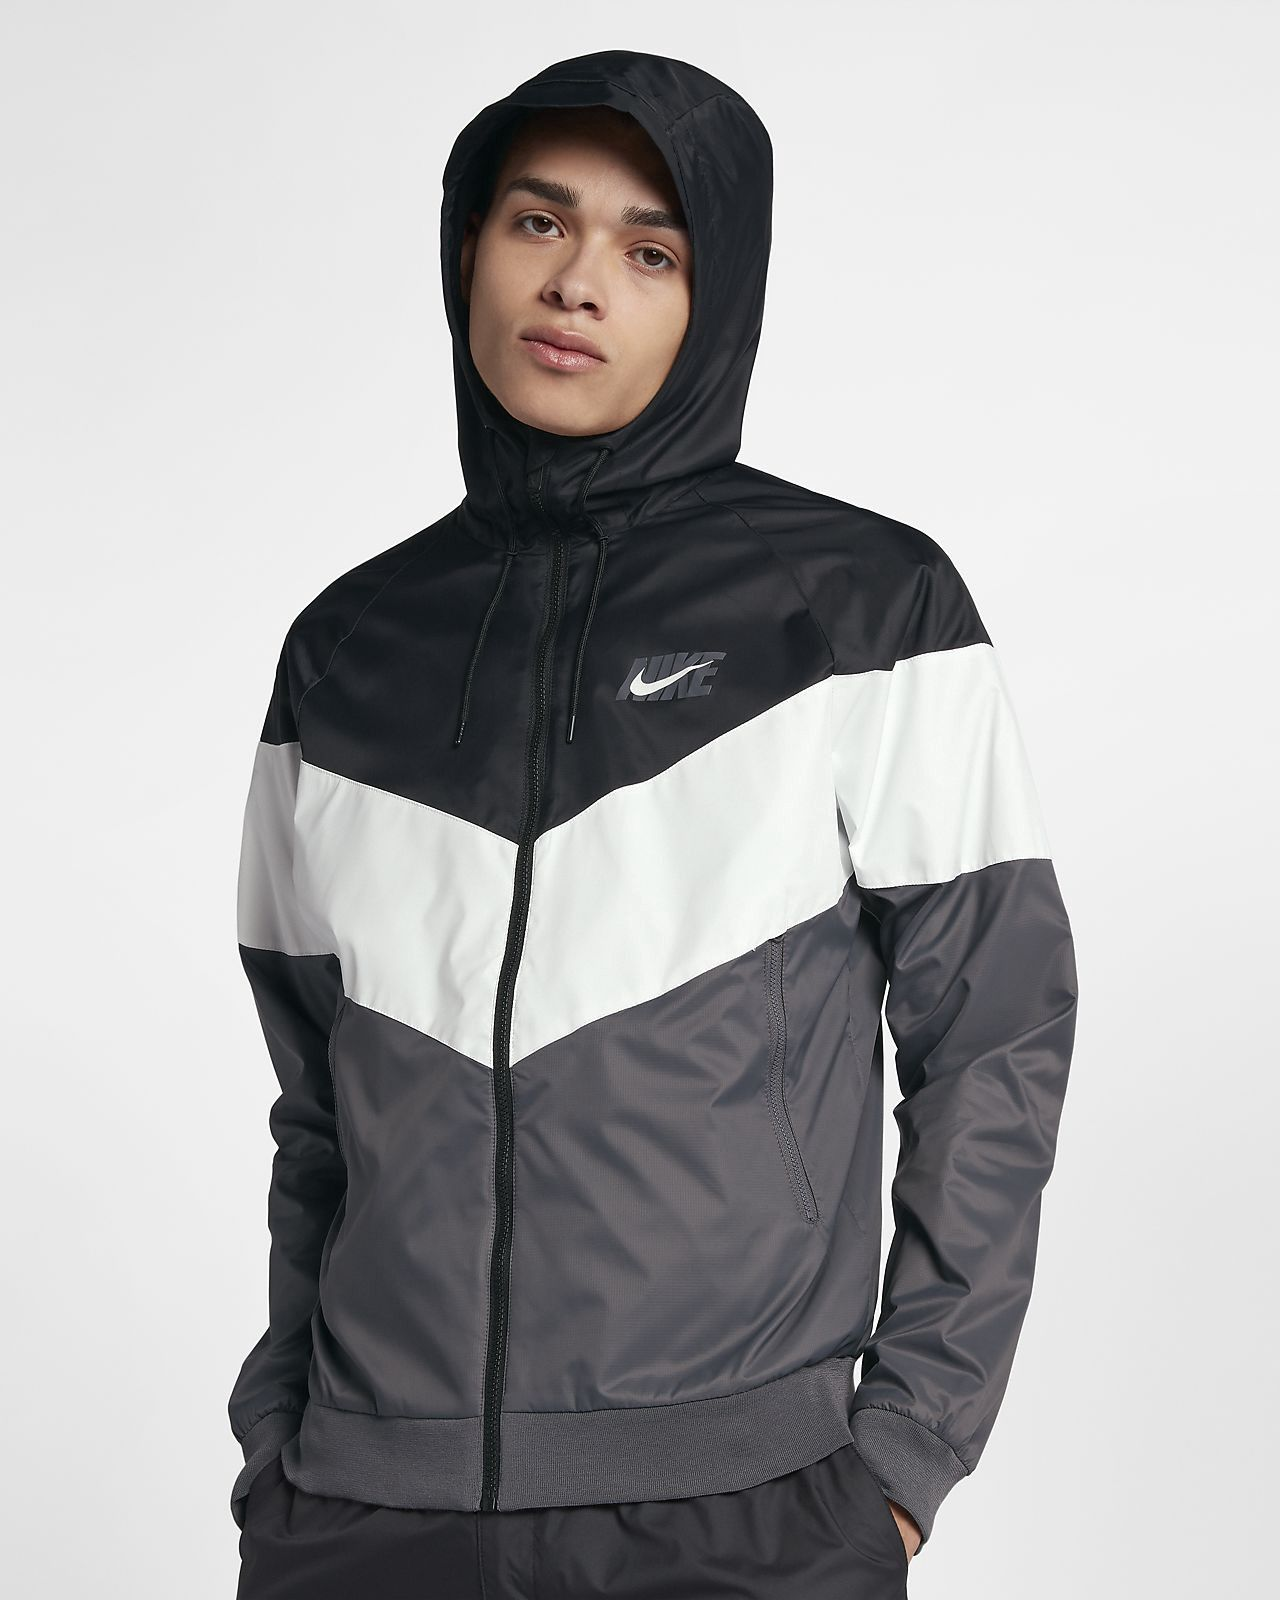 f1b5fe5d5f9d Nike Sportswear Windrunner Men s Jacket - XS